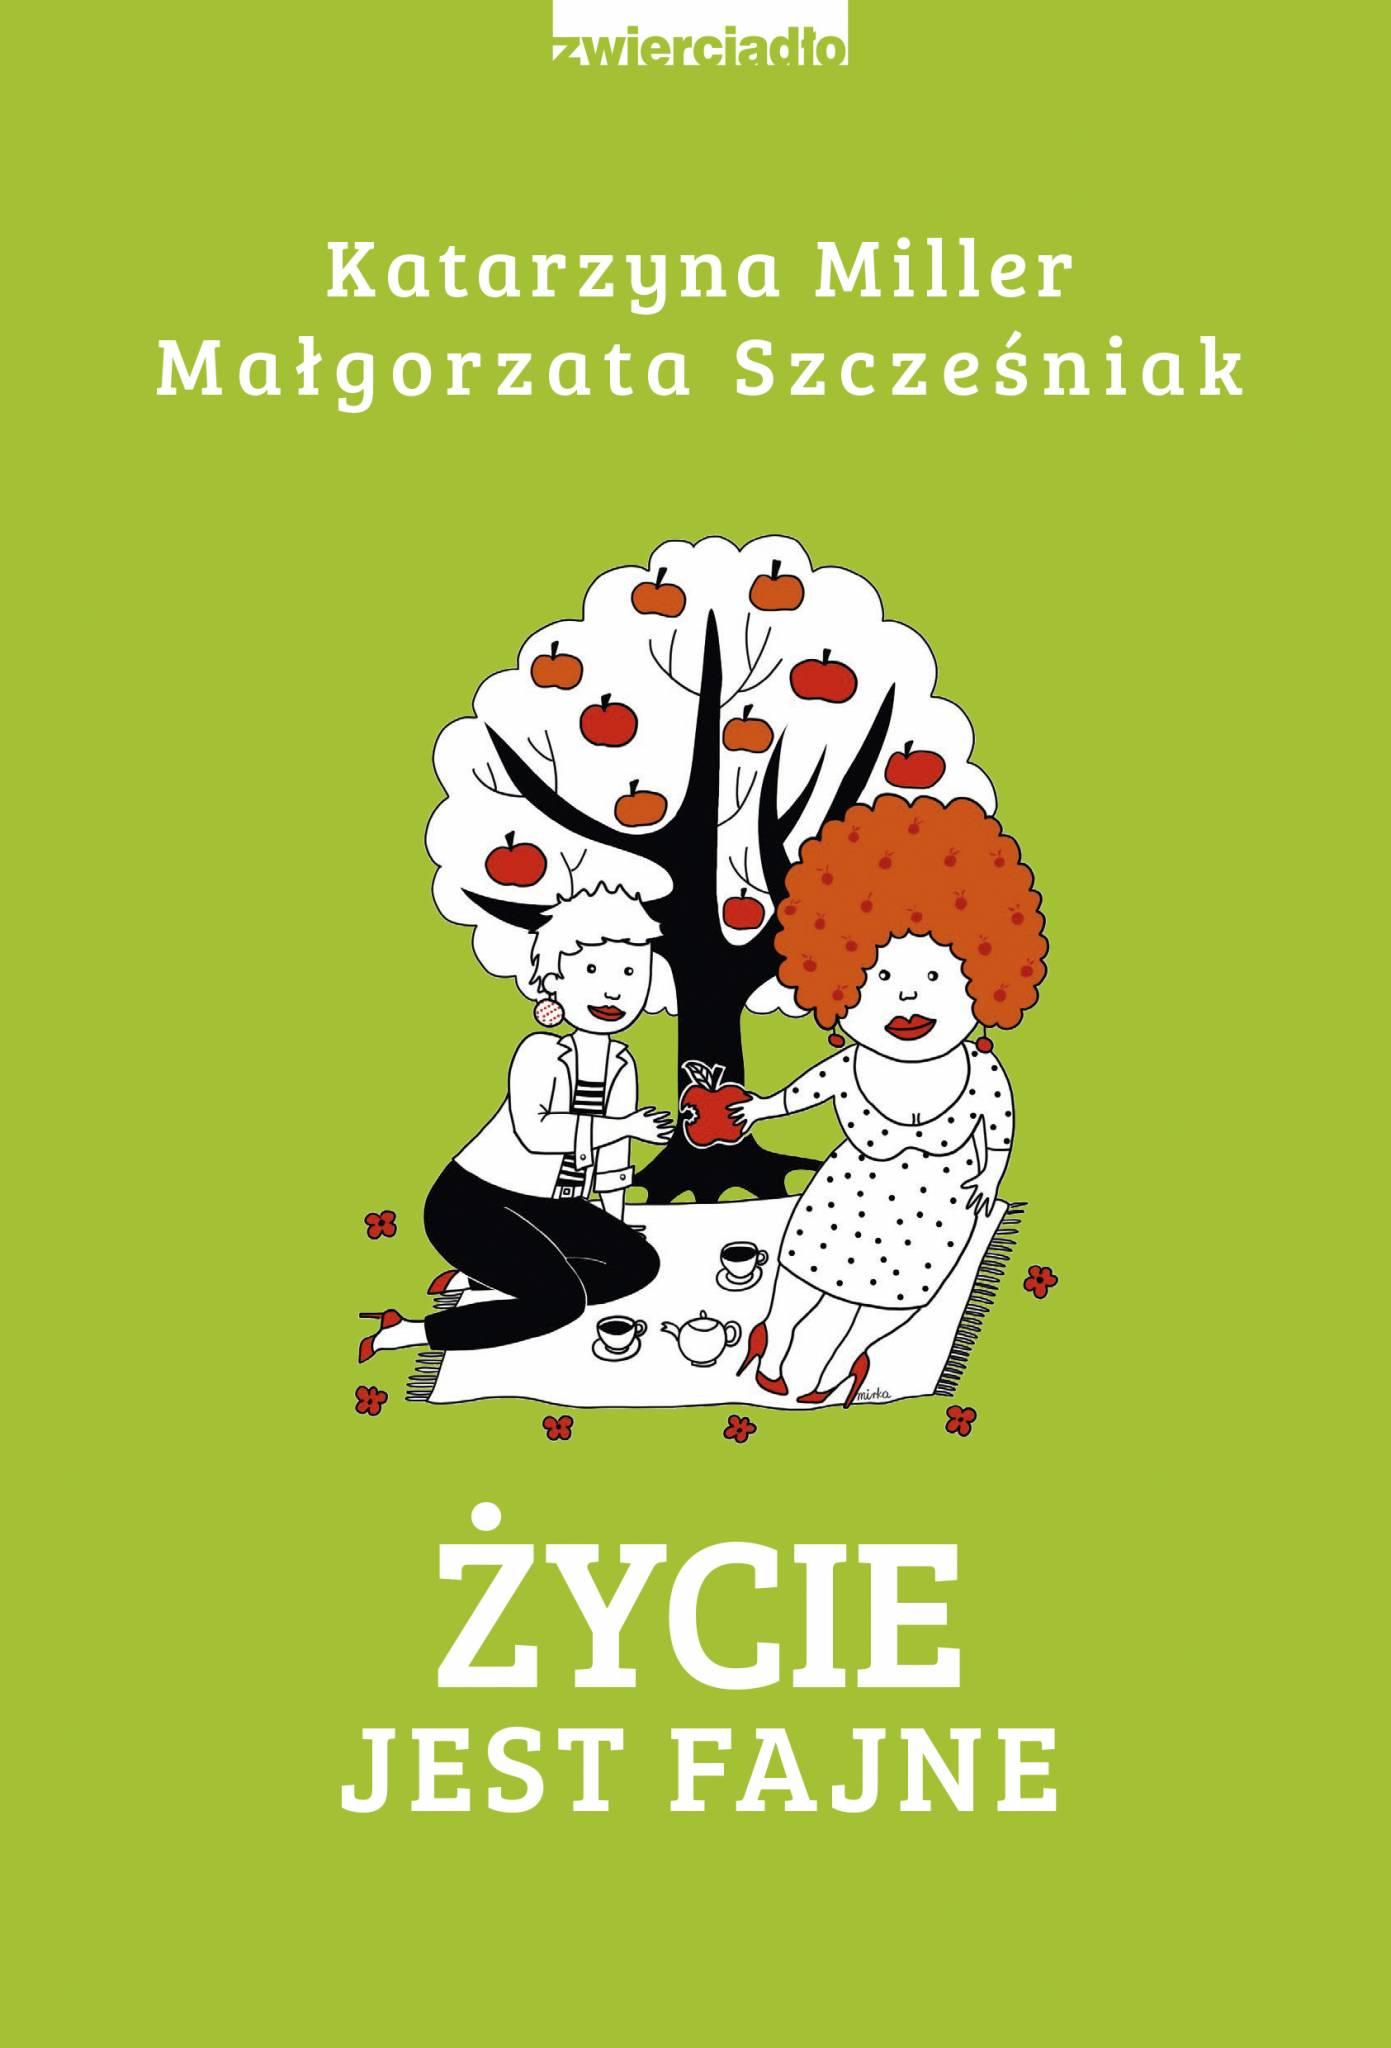 Życie jest fajne - Katarzyna Miller, Małgorzata Szcześniak